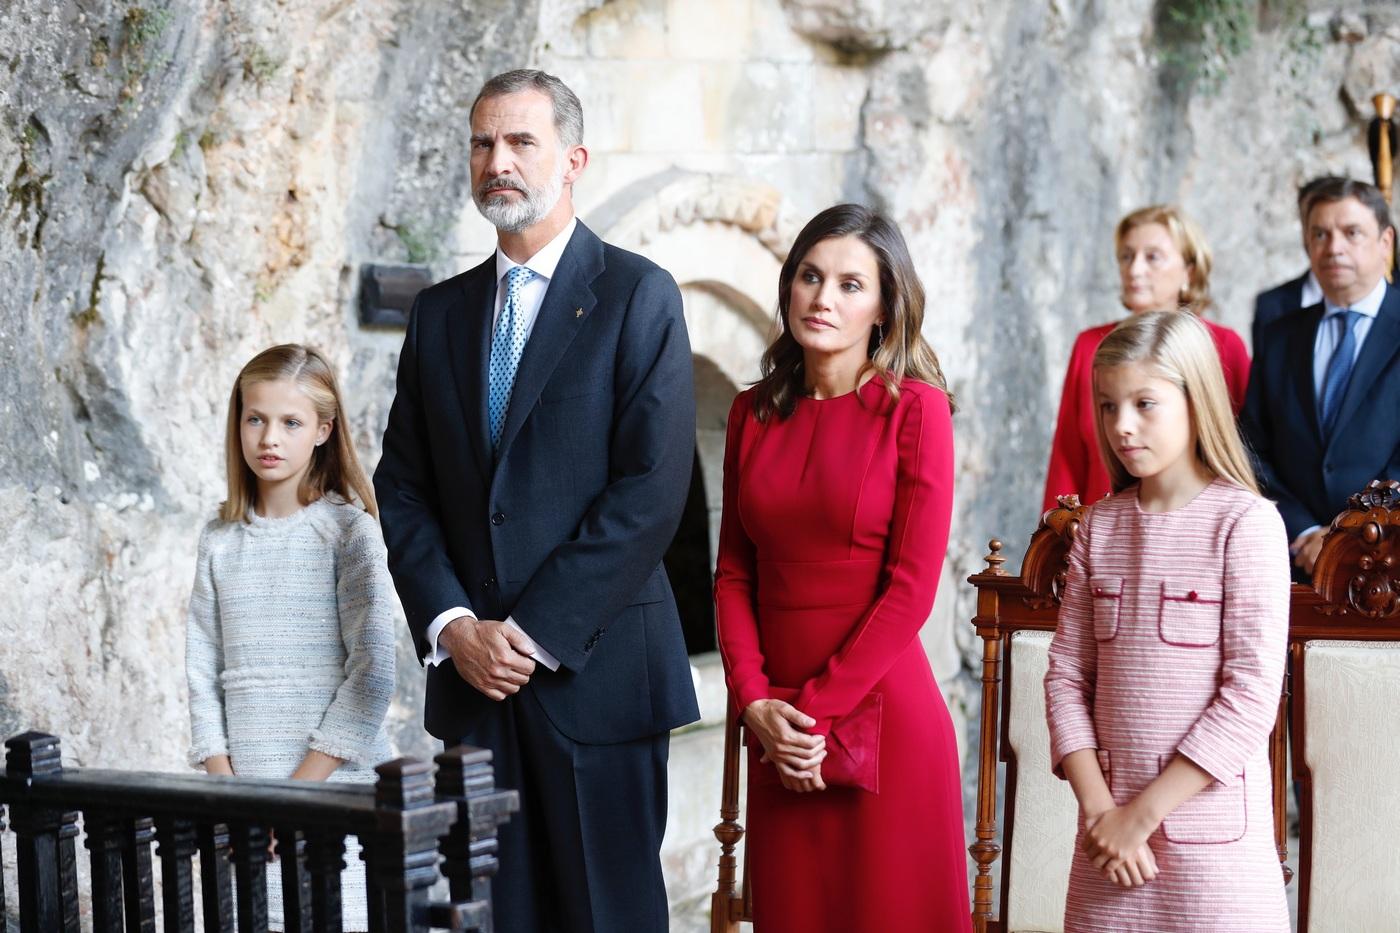 reyes_princesa_asturias_Infanta_sofia_covadonga_aniversario_20180908_05